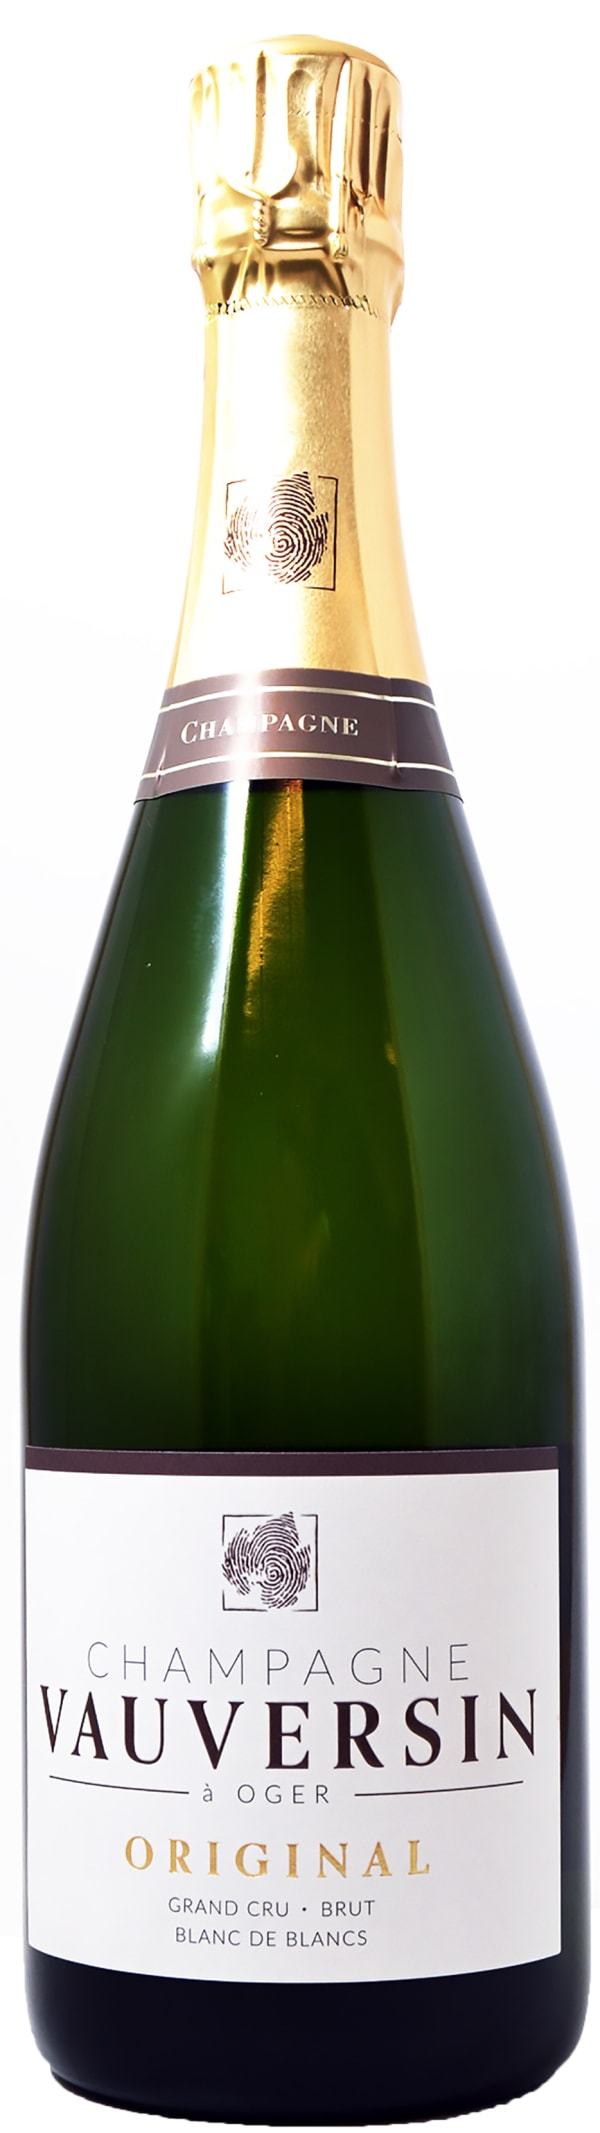 Vauversin Grand Cru Blanc de Blanc Champagne Brut